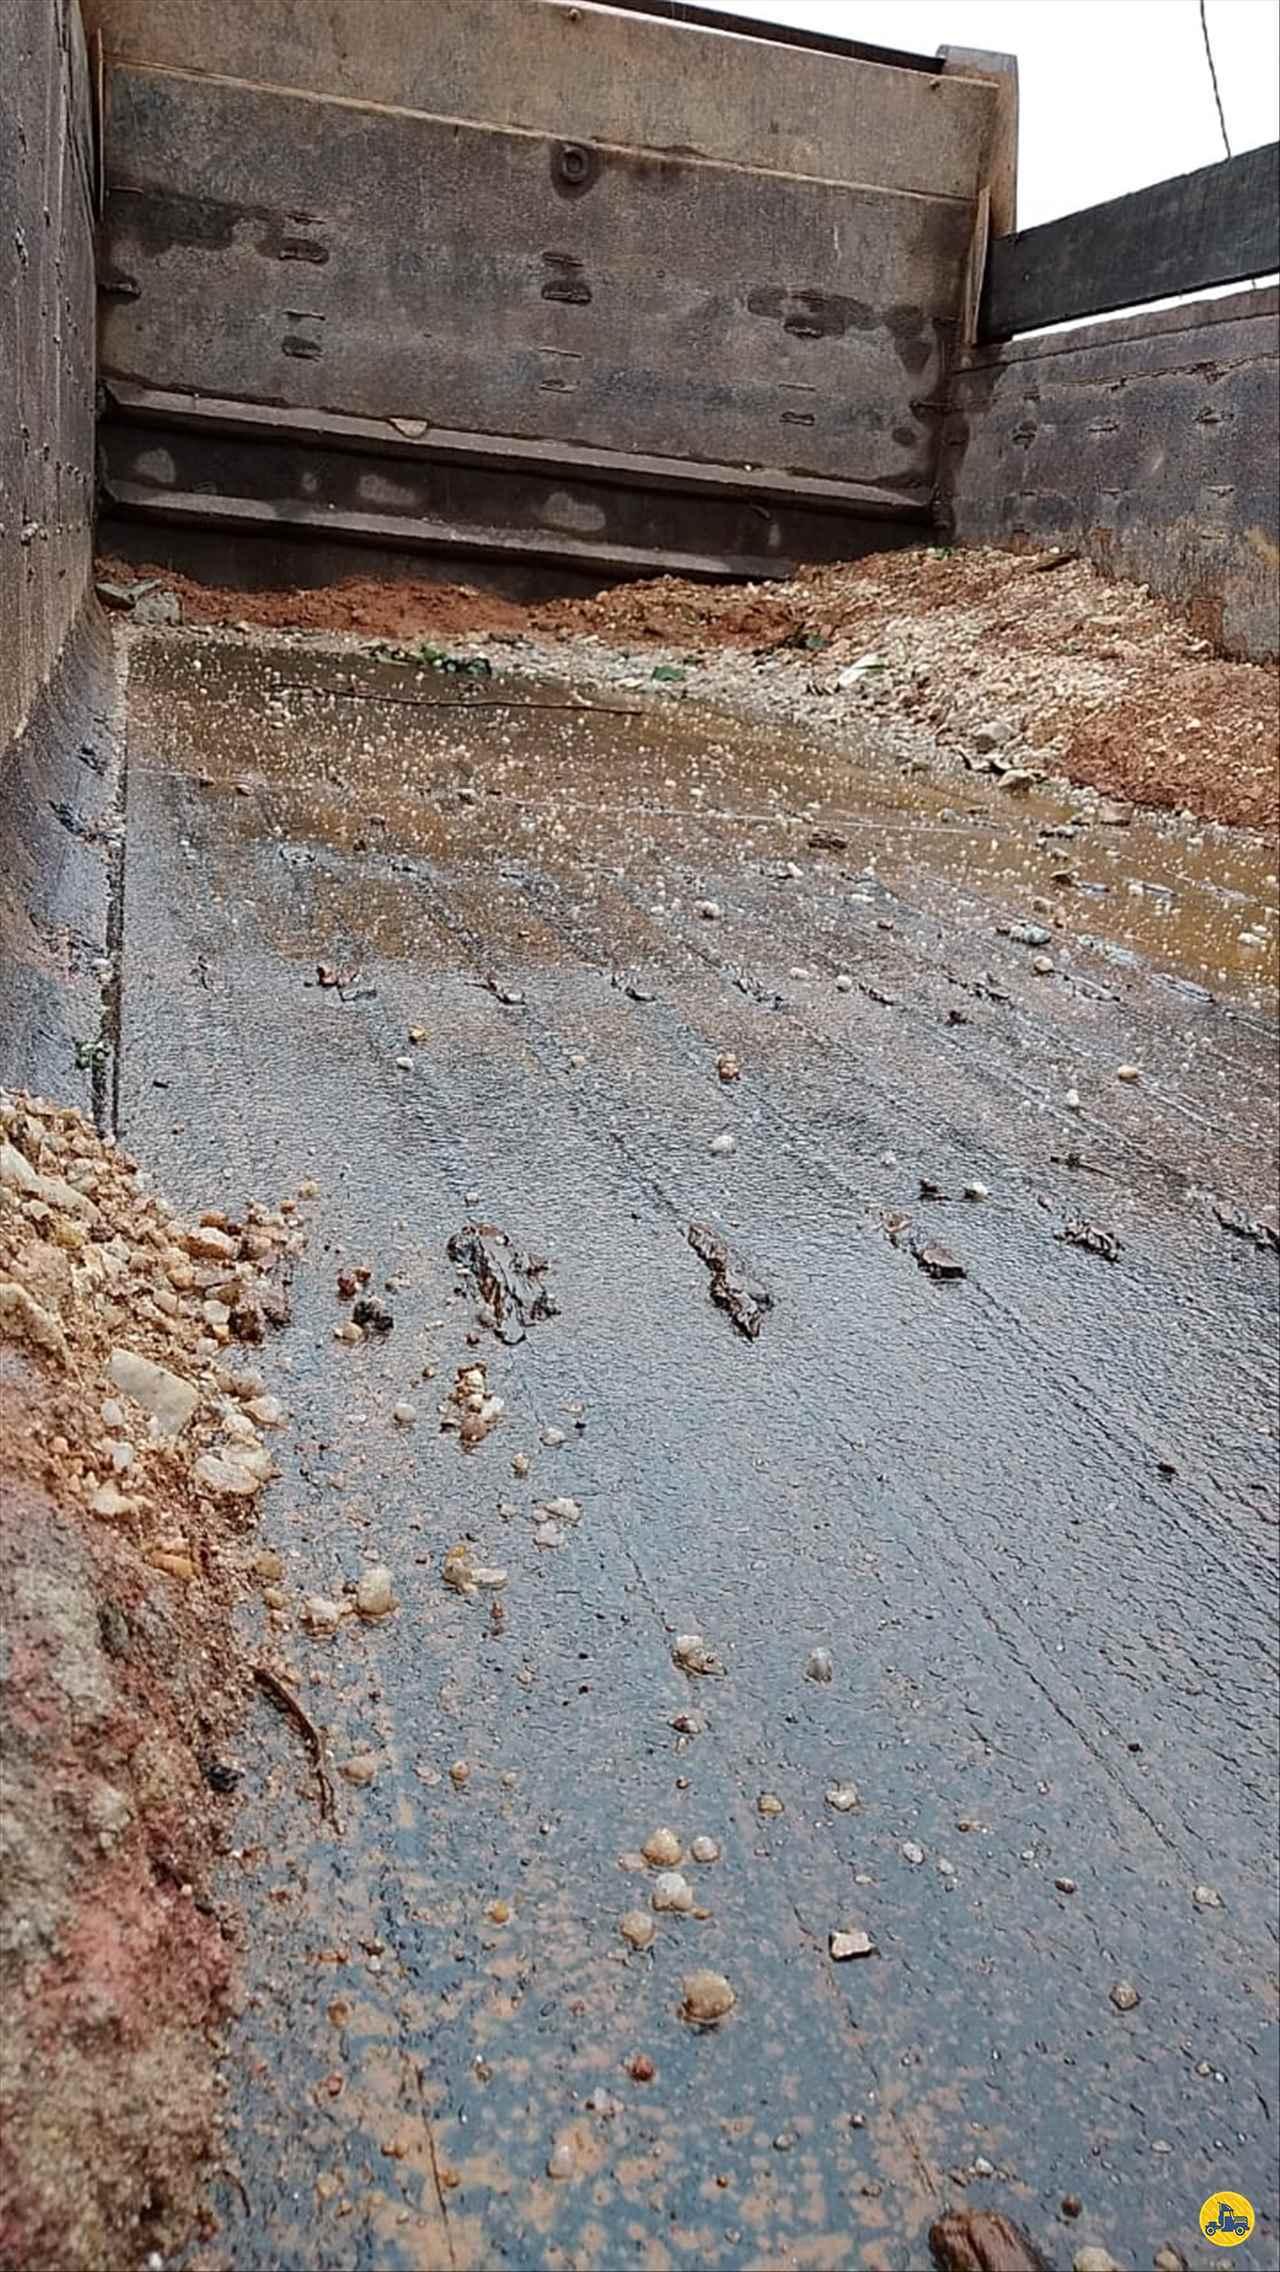 MERCEDES-BENZ MB 3344 1km 2010/2010 Caminhões Certos